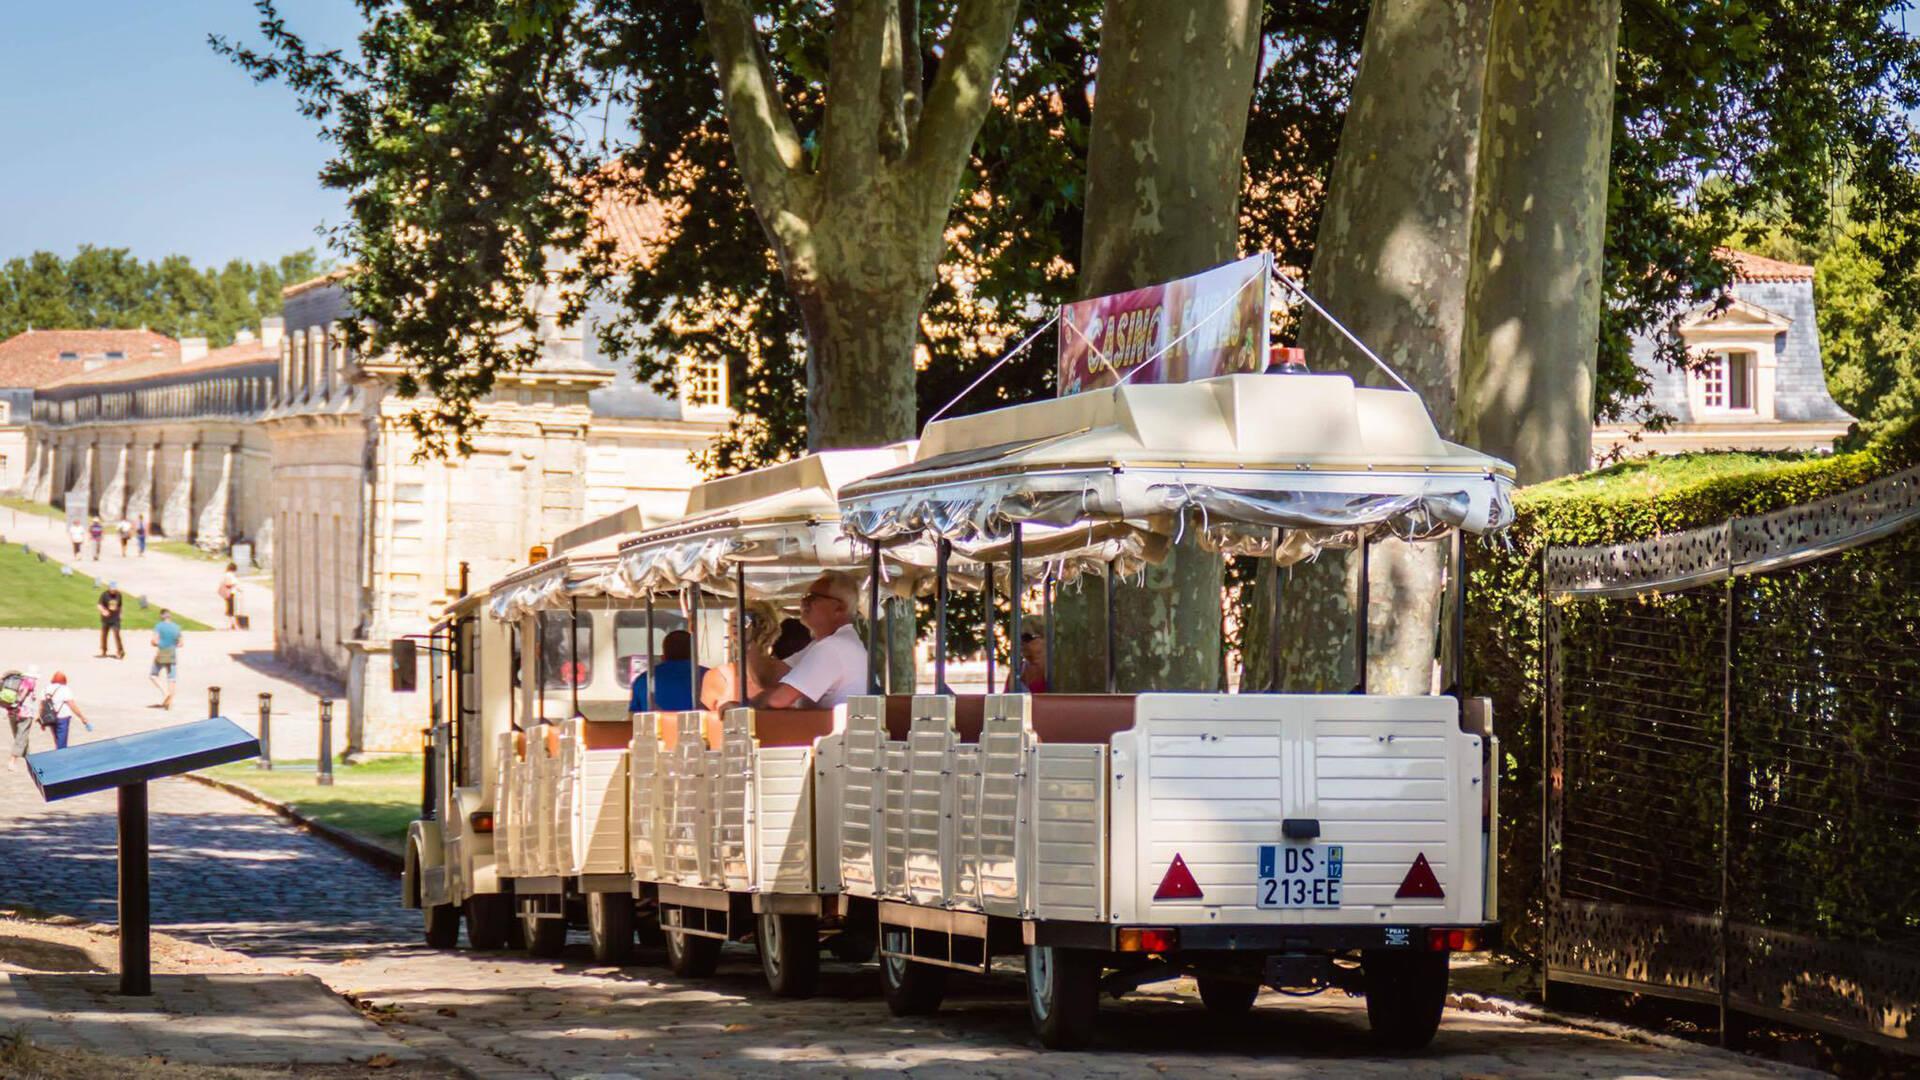 Le Petit train de Rochefort © L.Pétillon